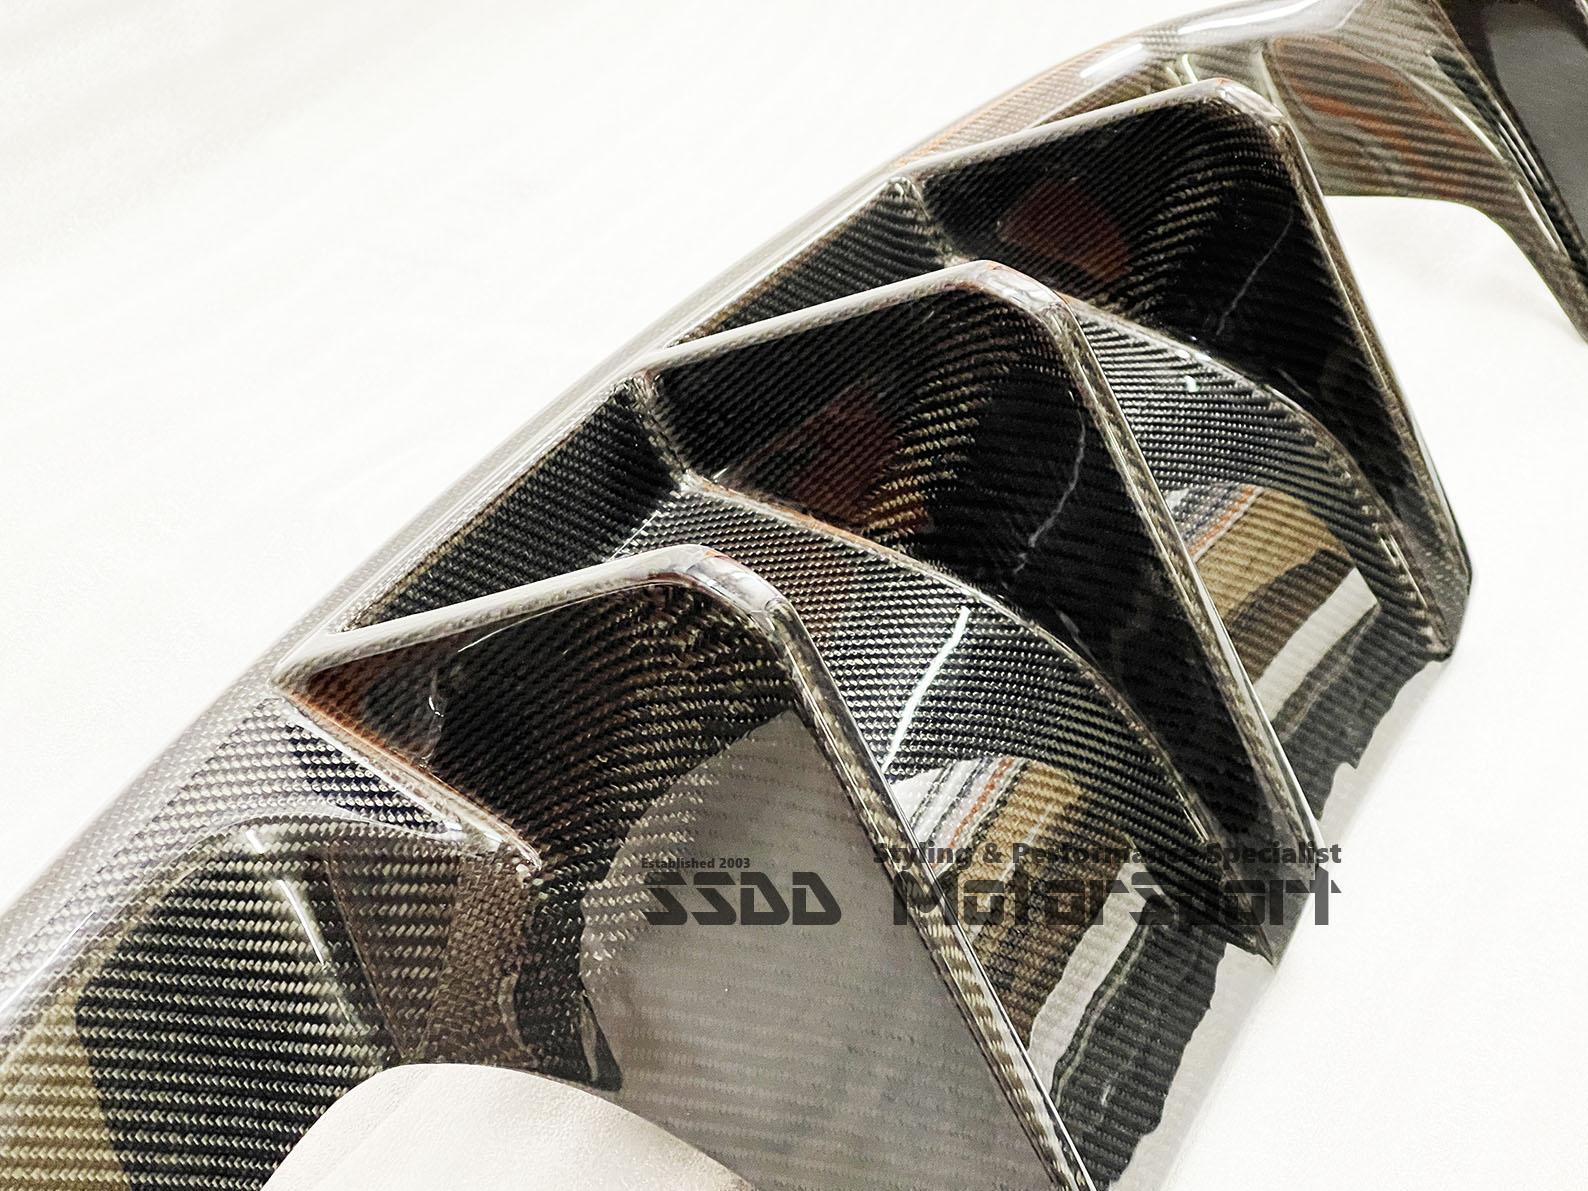 bmw-f80-m3-f82-f83-m4-vrs-big-fin-v2-carbon-diffuser-2.jpg